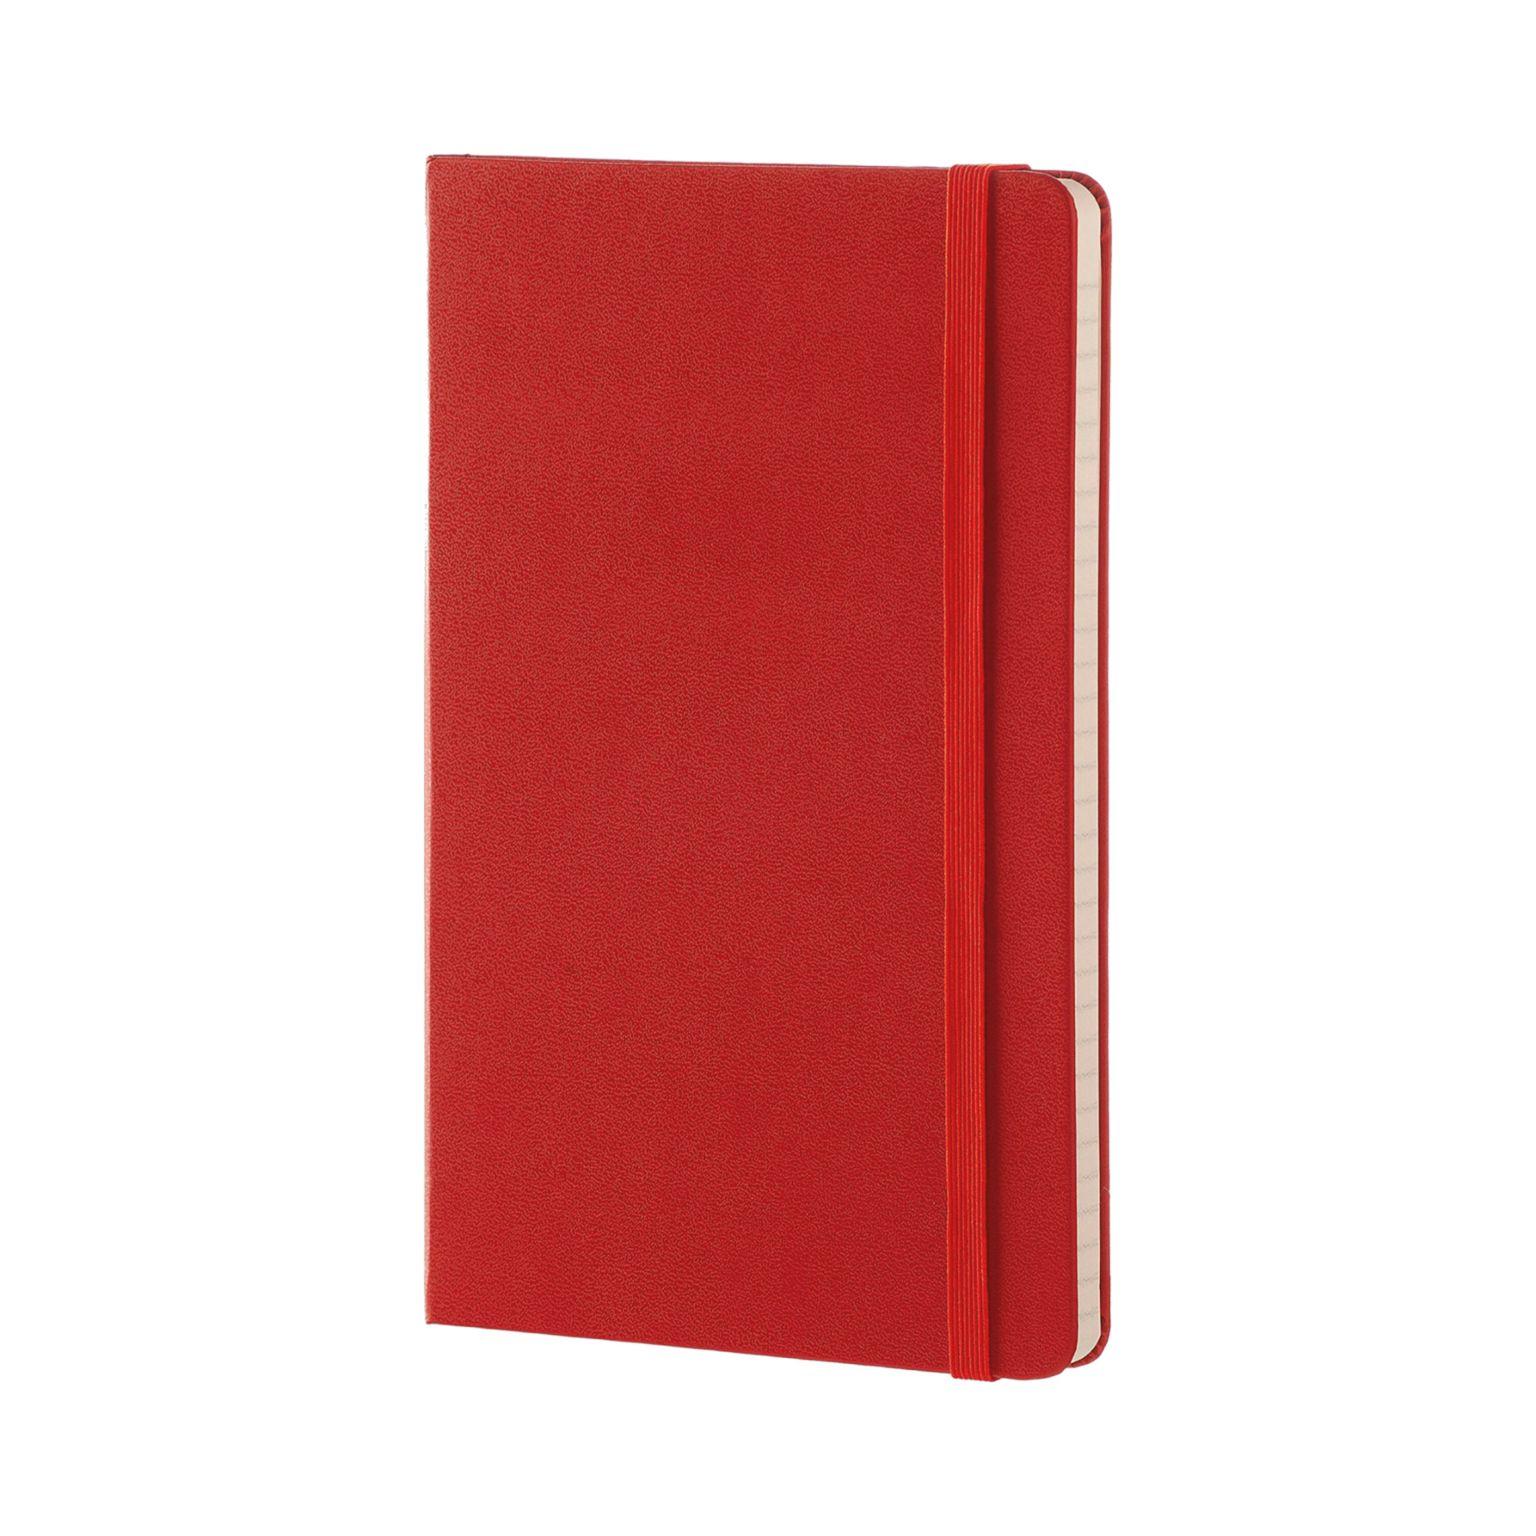 MOLESKINE® | Carnet Classique Couverture Rigide Pocket